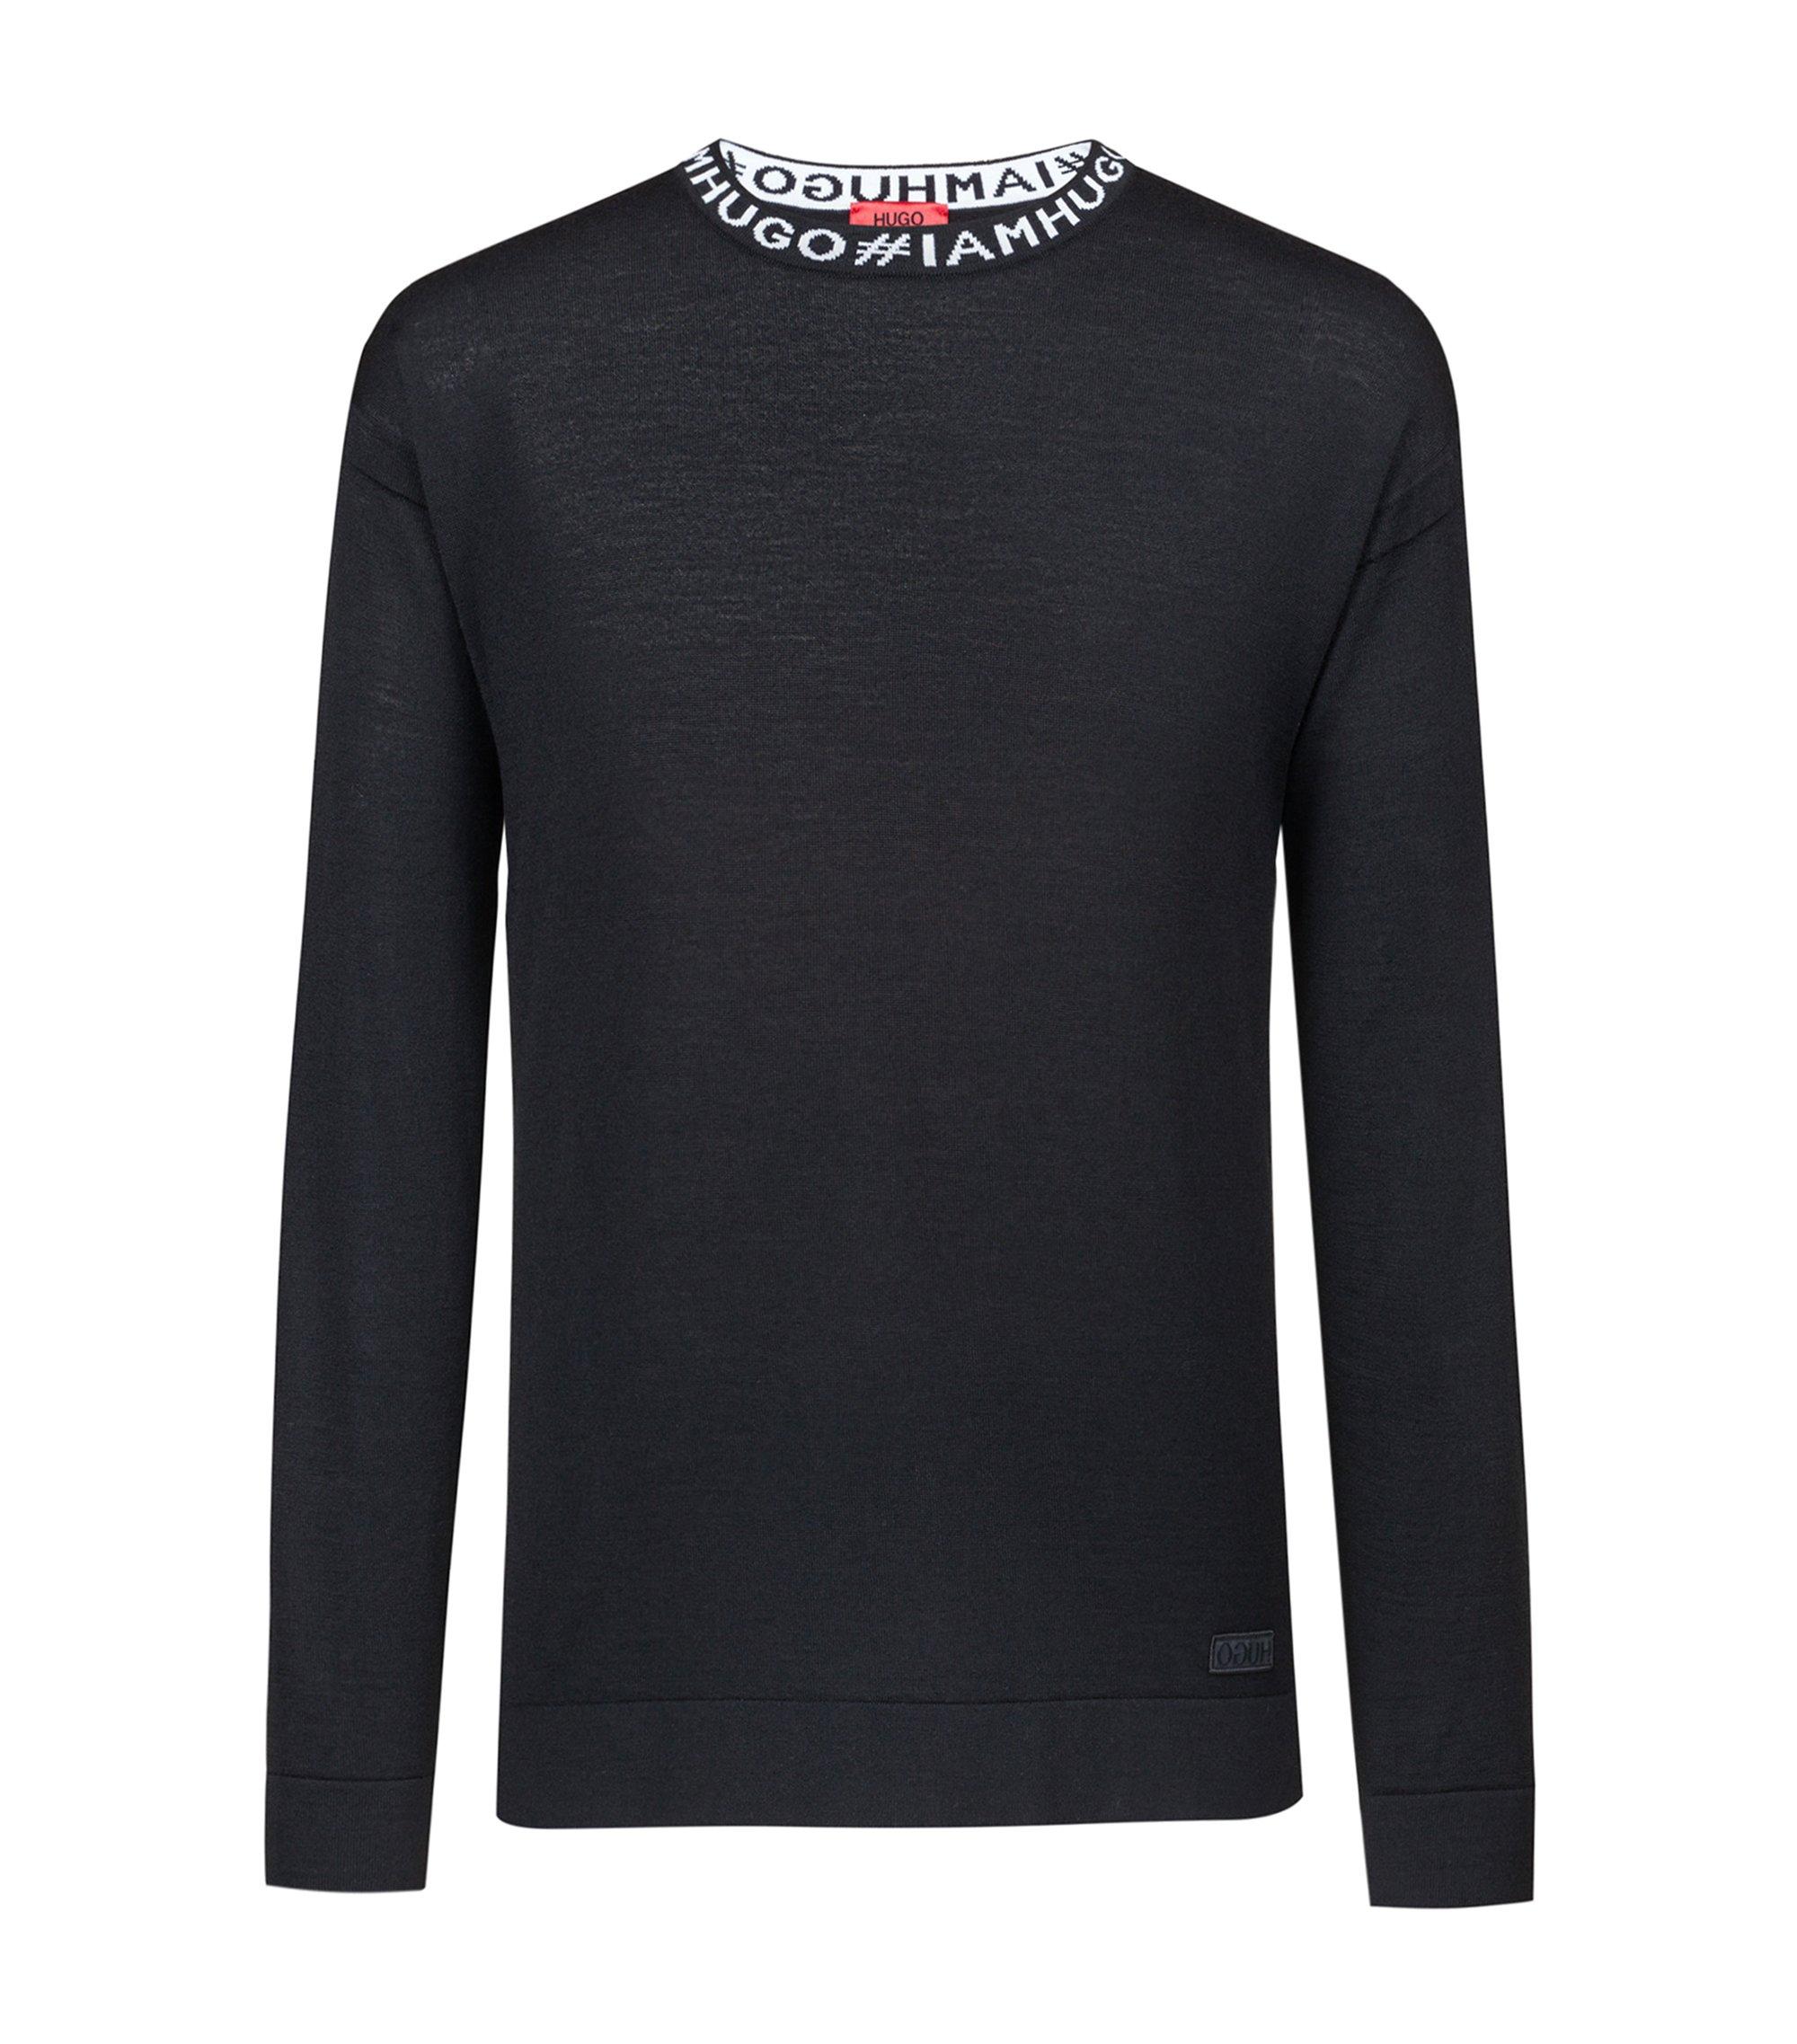 Oversized-fit trui van scheerwol met sloganintarsia, Zwart